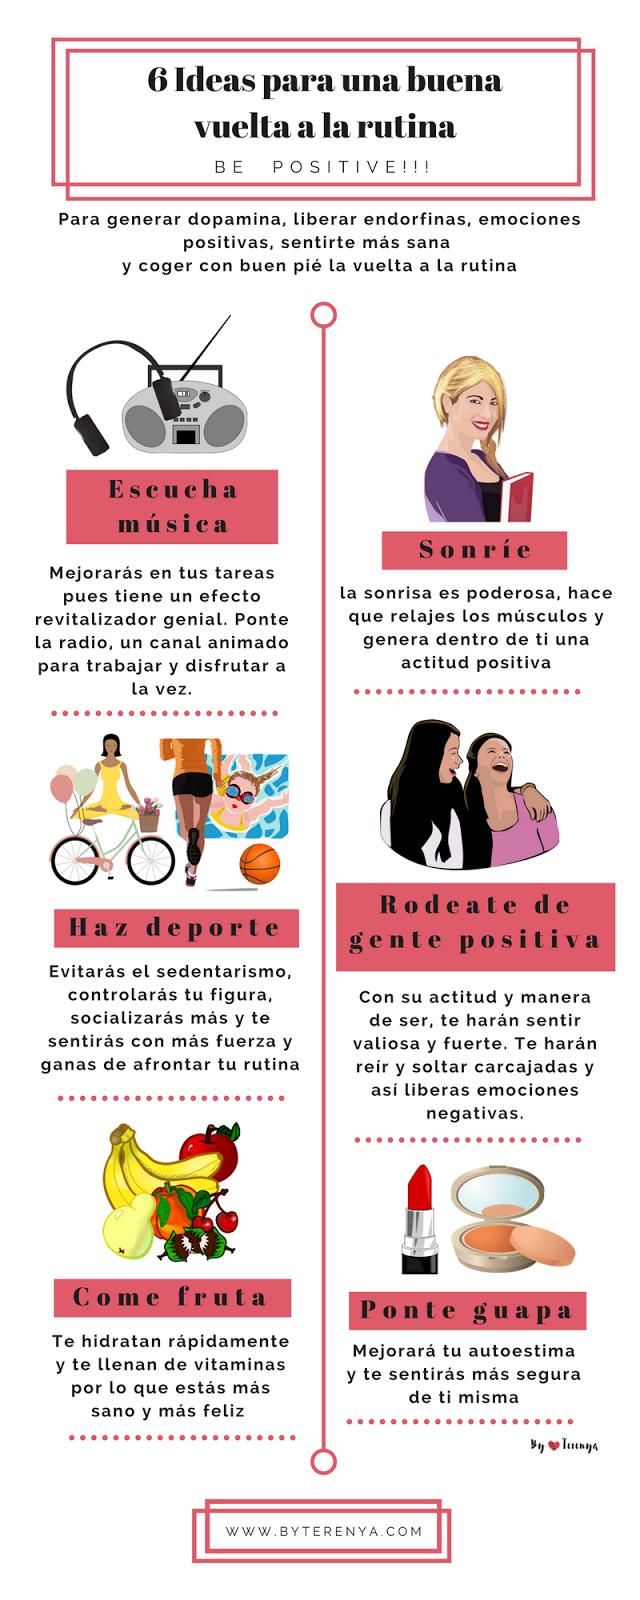 6-ideas-vuelta-a-la-rutina-infografia